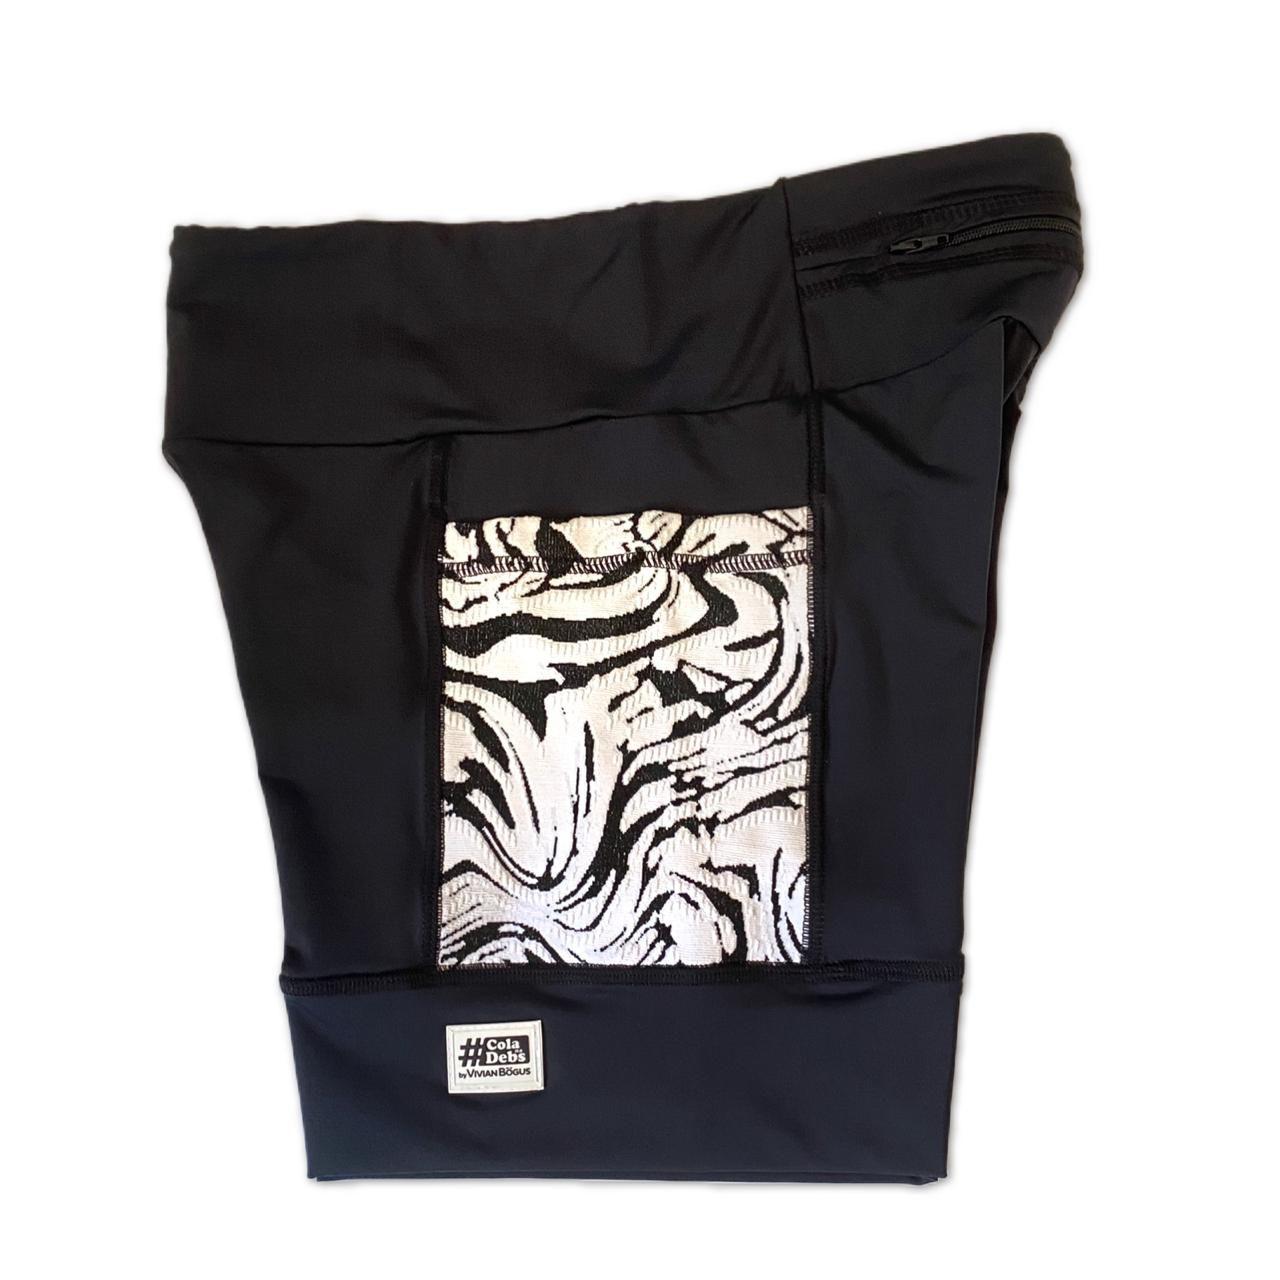 Shorts com bolso secreto em sportiva preto bolso jacquard pb  - Vivian Bógus